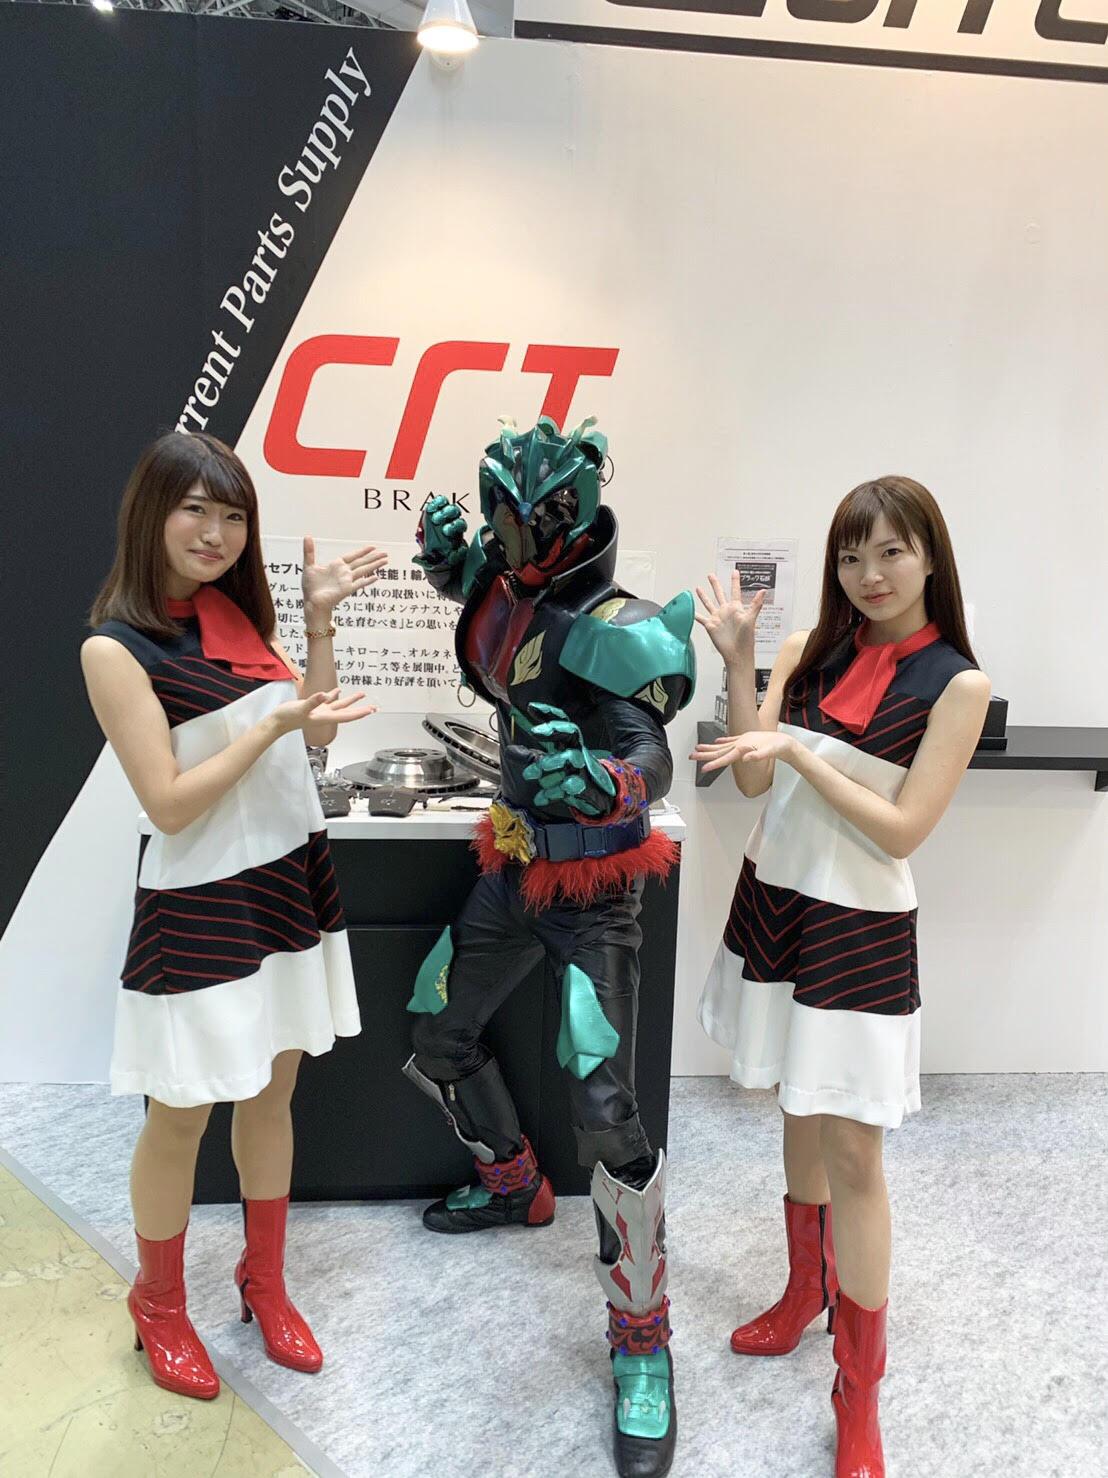 国際オートアフターマーケットEXPO2019@東京ビックサイト